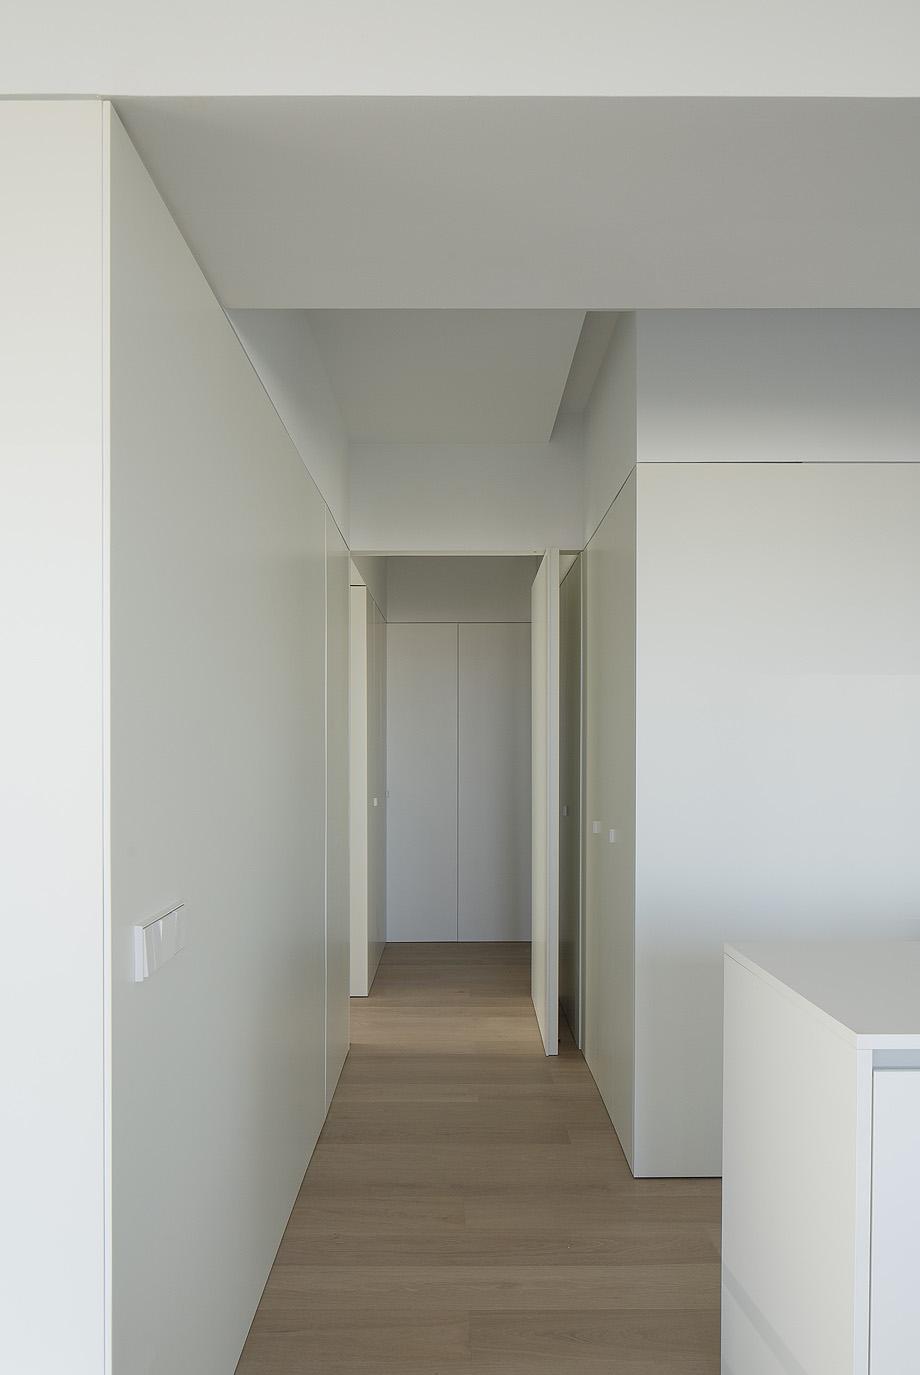 vivienda en orihuela de balzar arquitectos (12) - foto david zarzoso